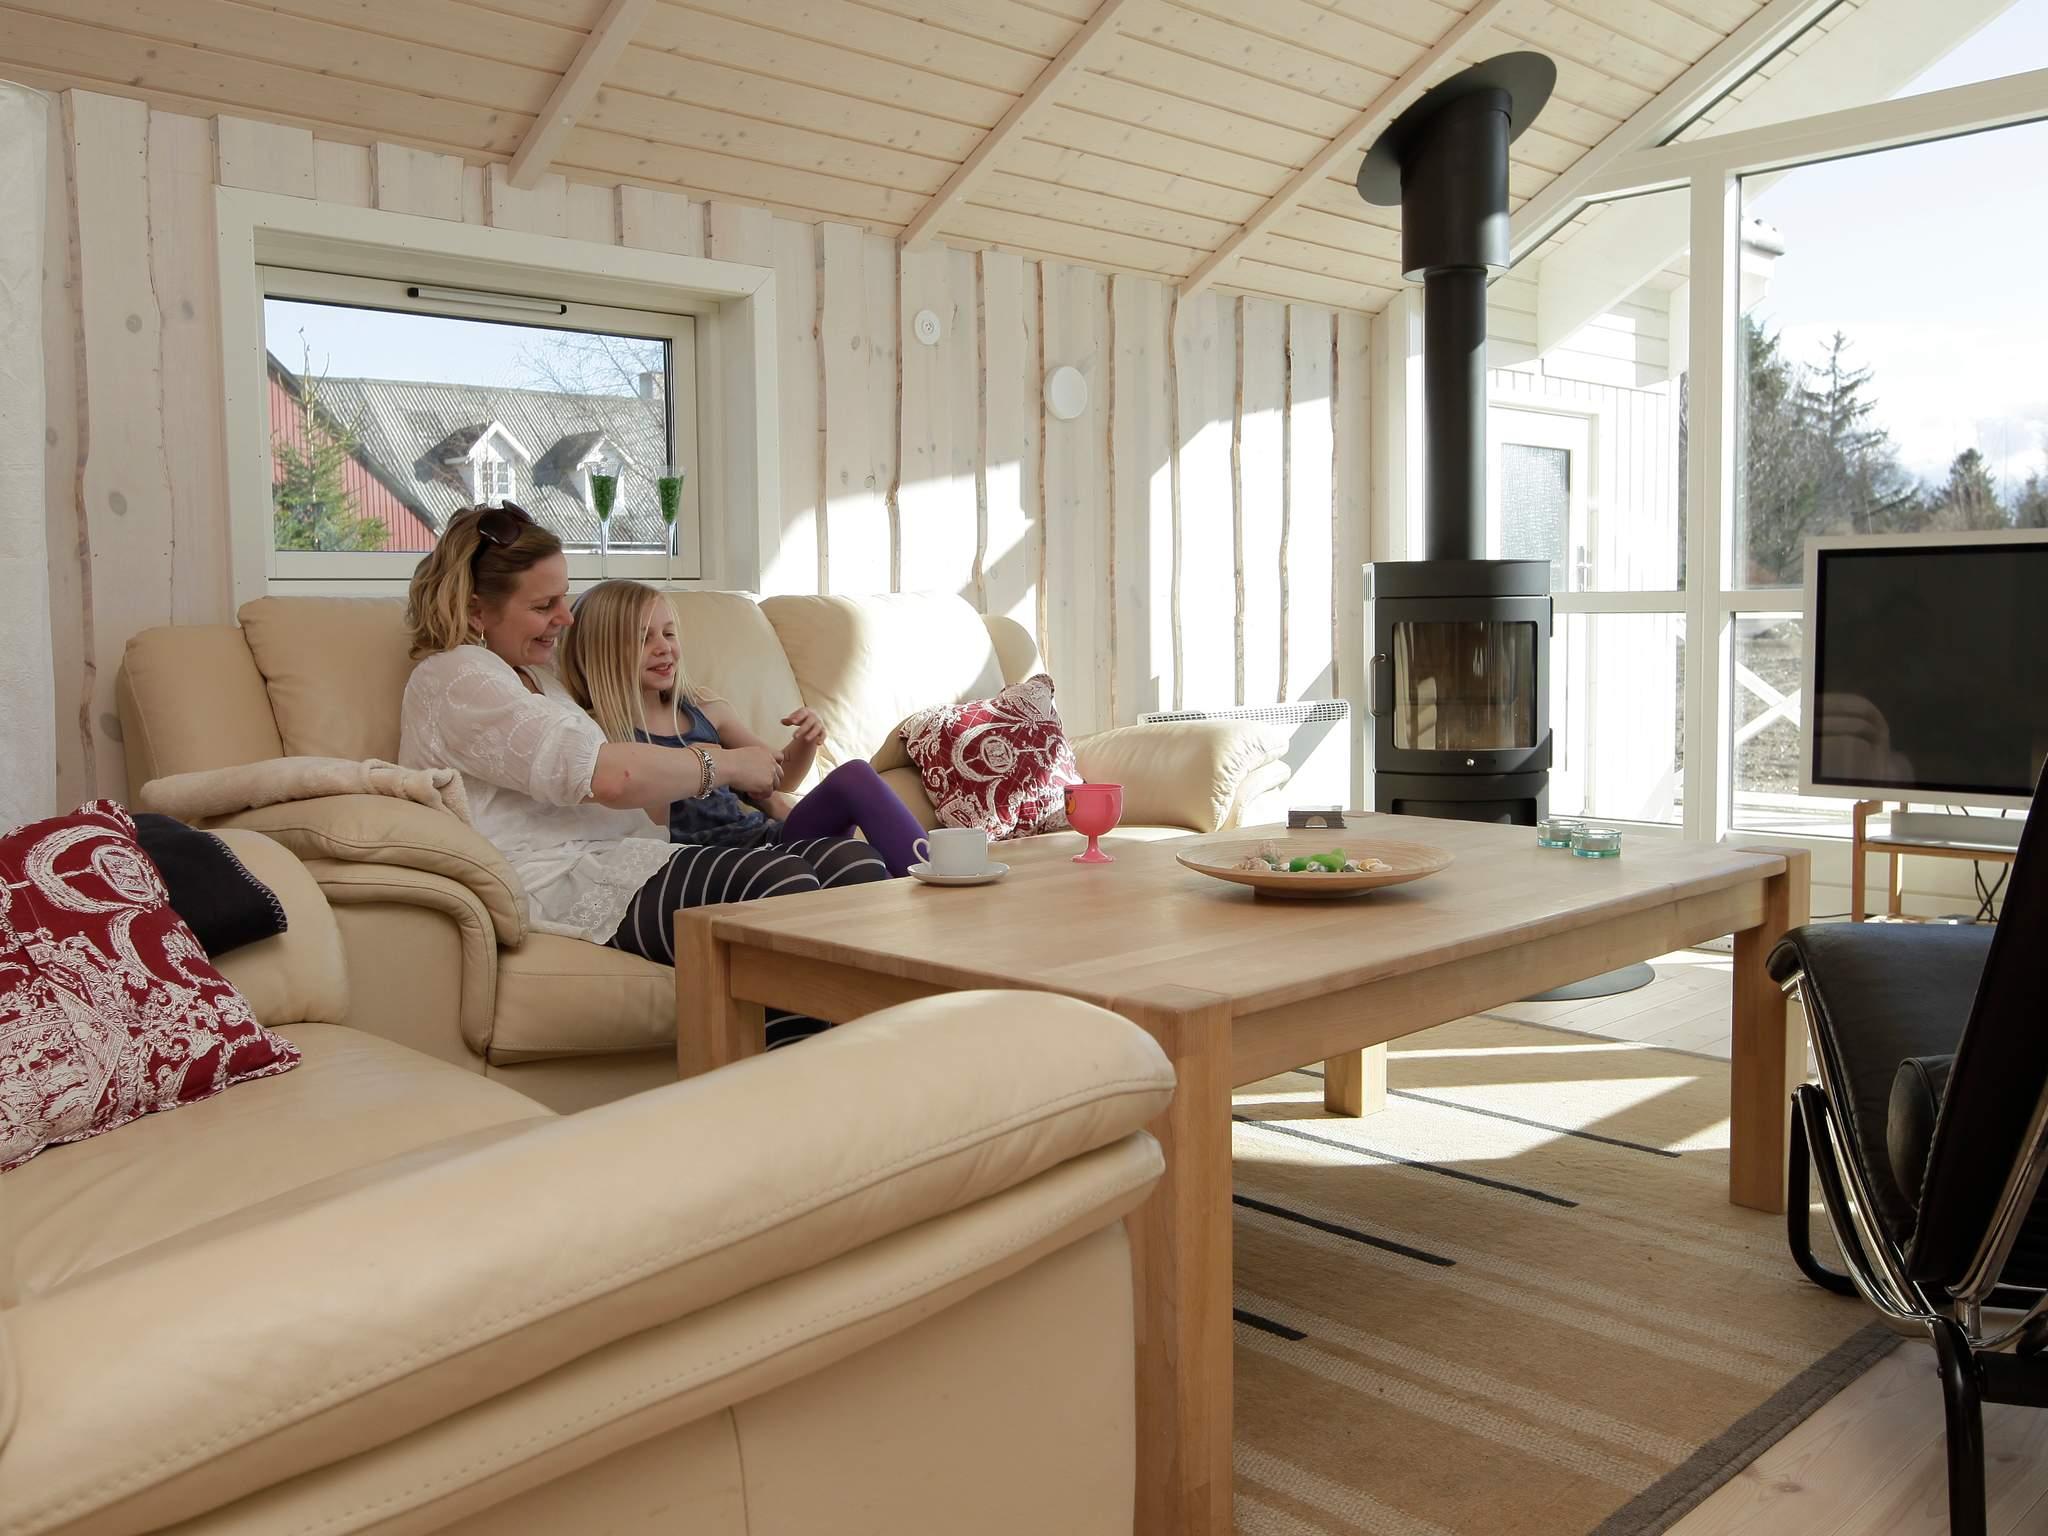 Ferienhaus Vellerup Sommerby (428200), Vellerup, , Nordseeland, Dänemark, Bild 2